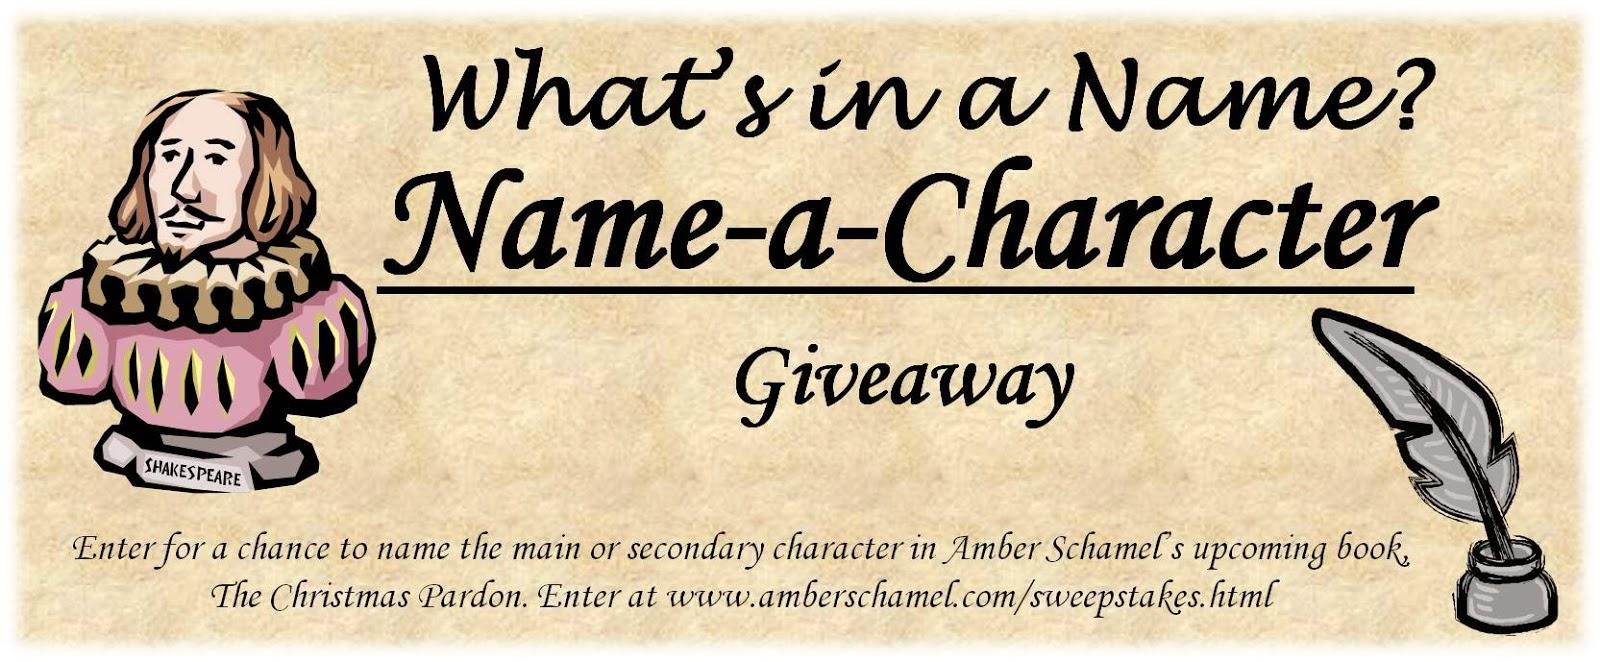 http://www.amberschamel.com/contests.html